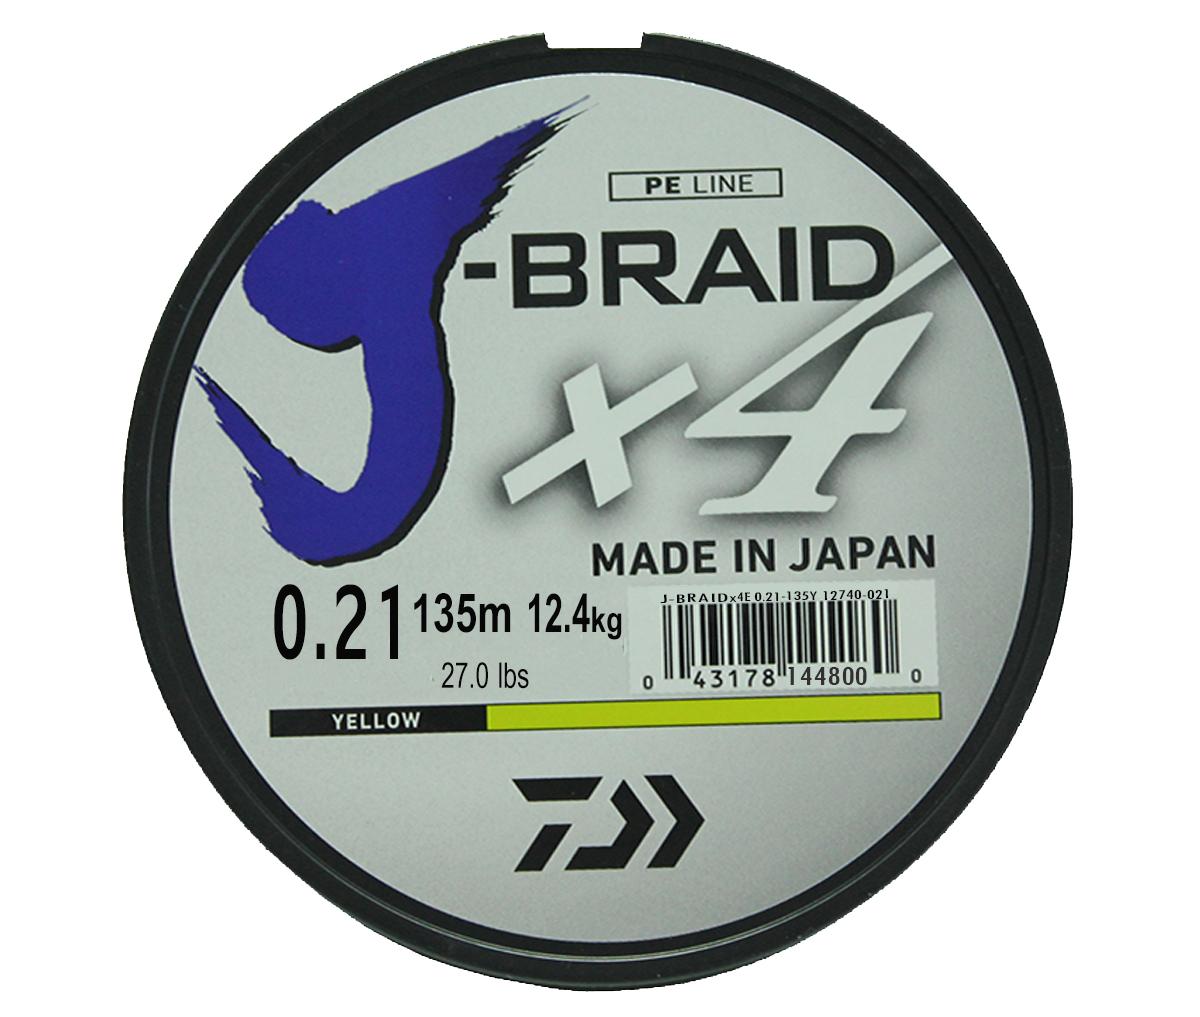 Леска плетеная DAIWA J-Braid X4 0,21мм 135 (флуор.-желтая)Леска плетеная<br>Новый 4х жильный шнур J-Braid, DAIWA - шнур высокого <br>класса с удивительным соотношением цены <br>и качества. Качество плетения полностью <br>соответствует японским стандартам и удовлетворяет <br>всем требованиям. Представленные диаметры <br>позволяют использовать шнур для всех техник <br>ловли, начиная от ultra- light ловли окуня, до <br>морской ловли палтуса, трески и т.д.<br>